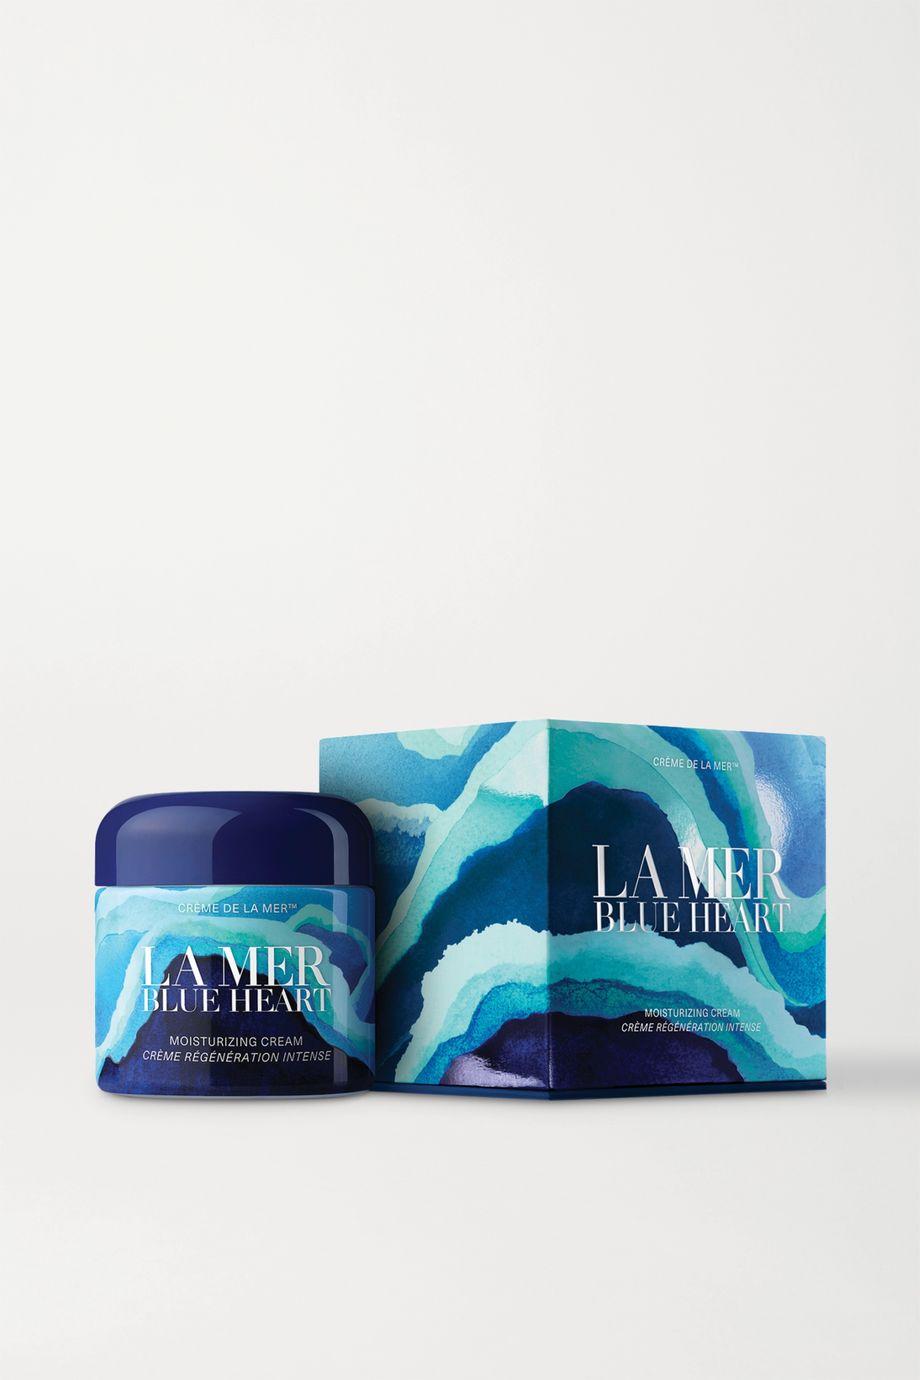 La Mer Crème de la Mer, Blue Heart, 100 ml